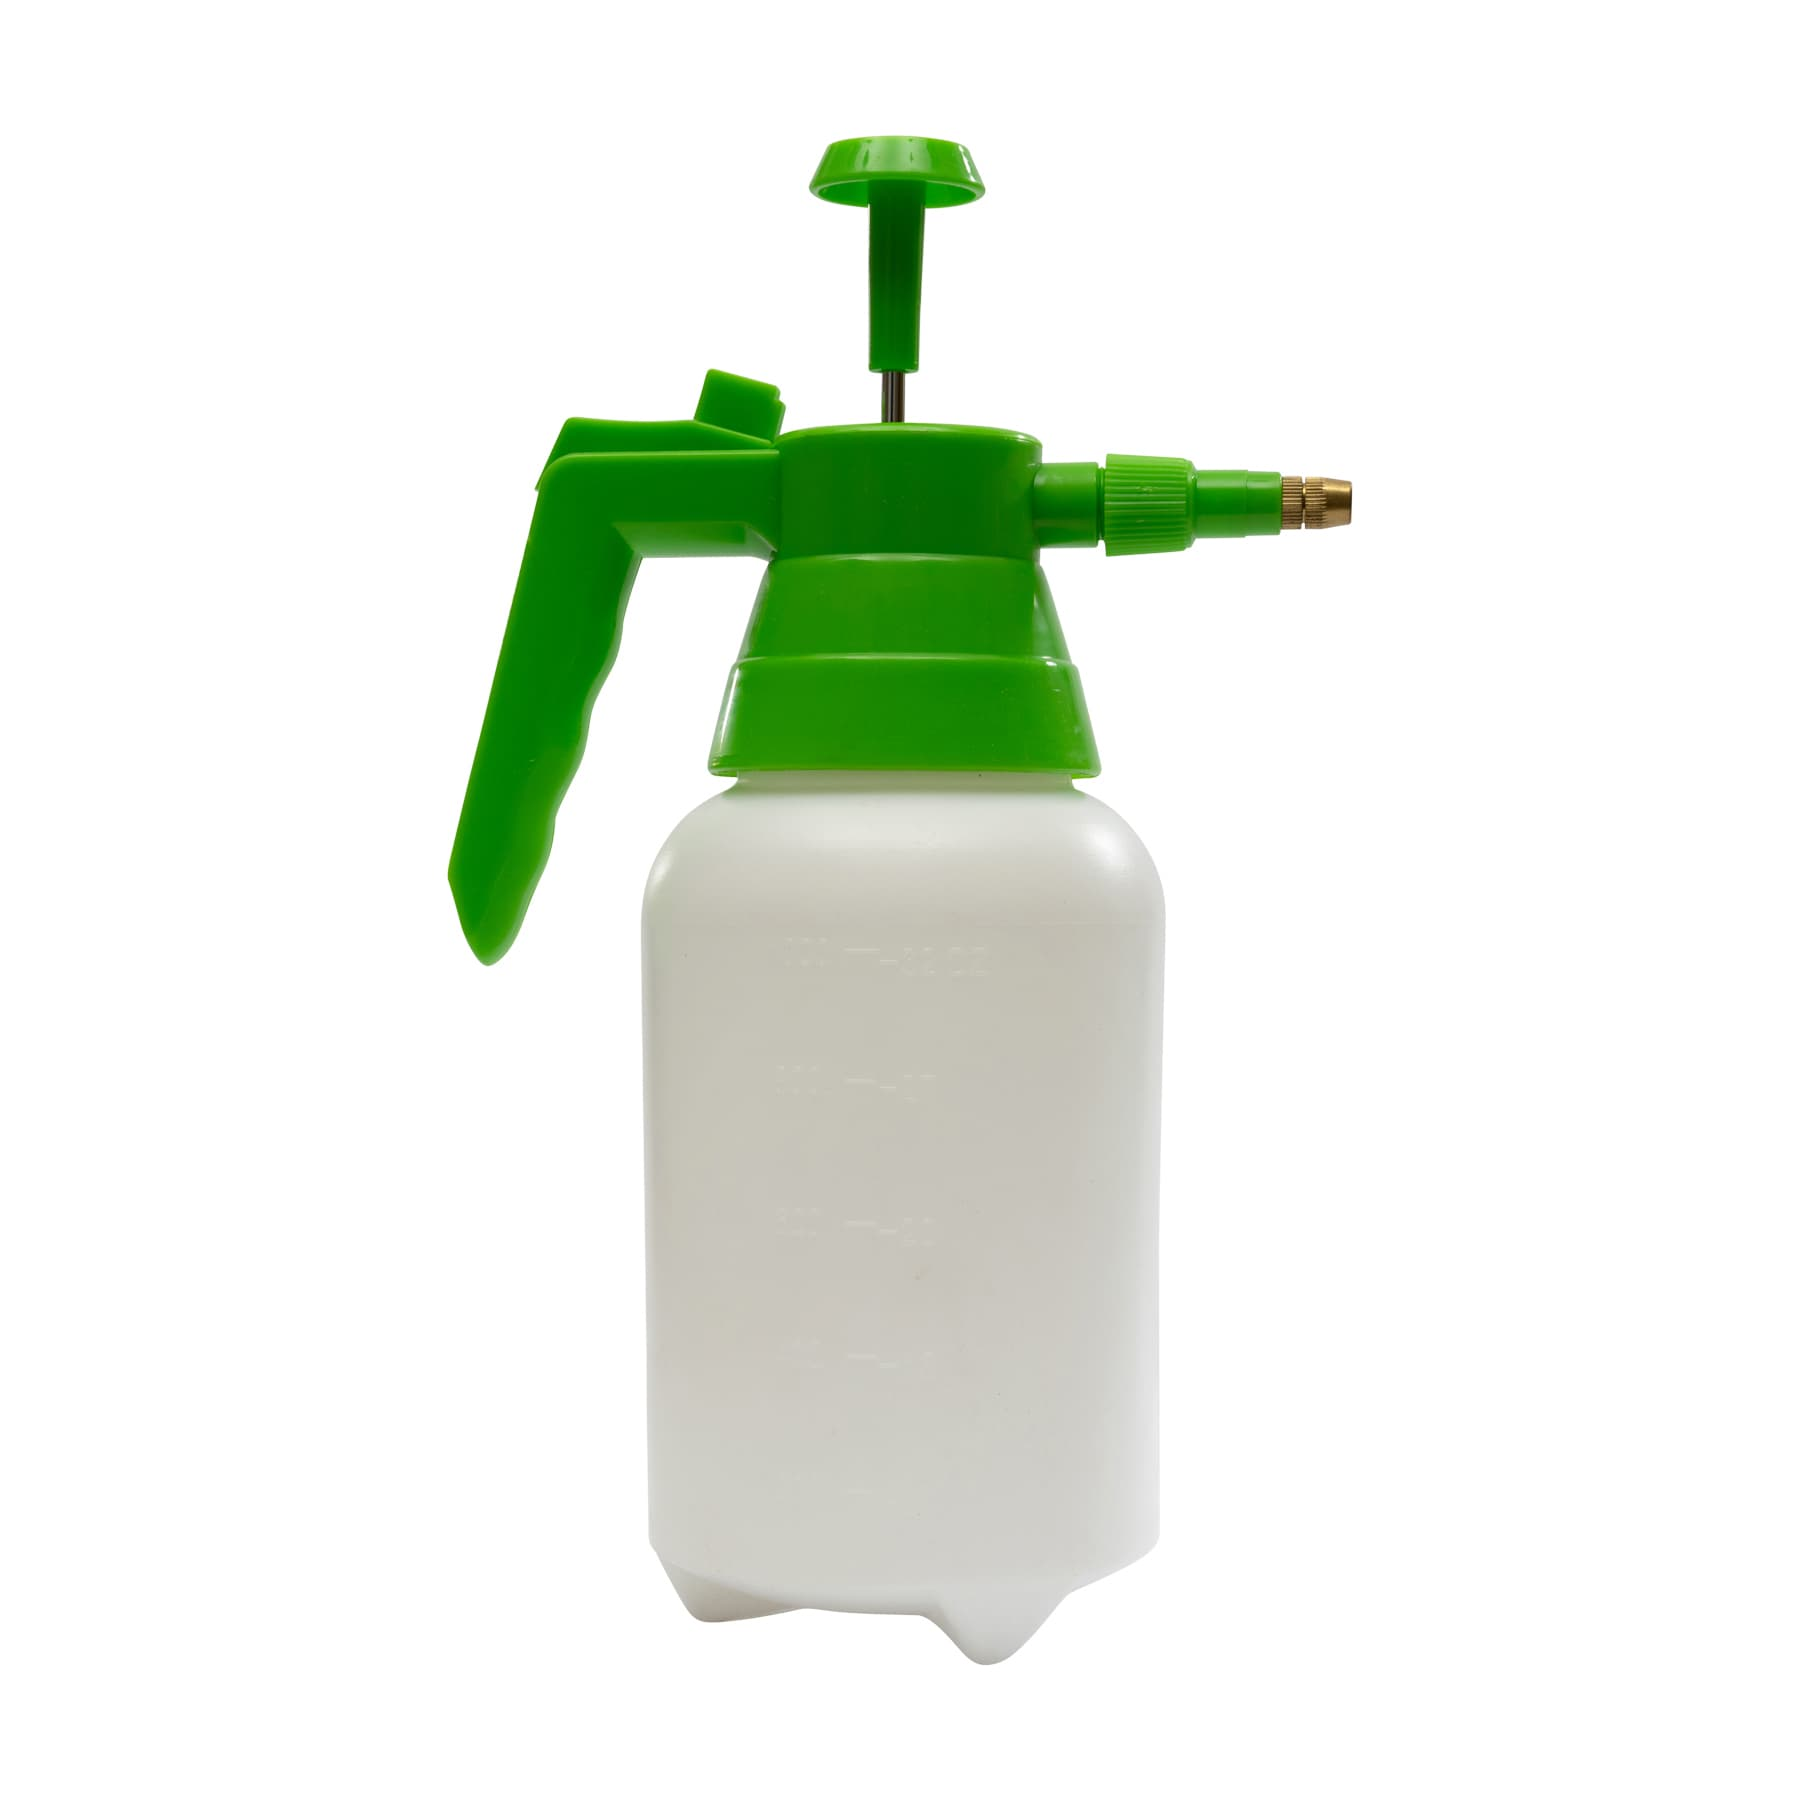 Druckpumpzerstäuber  (Drucksprüher 1 l)